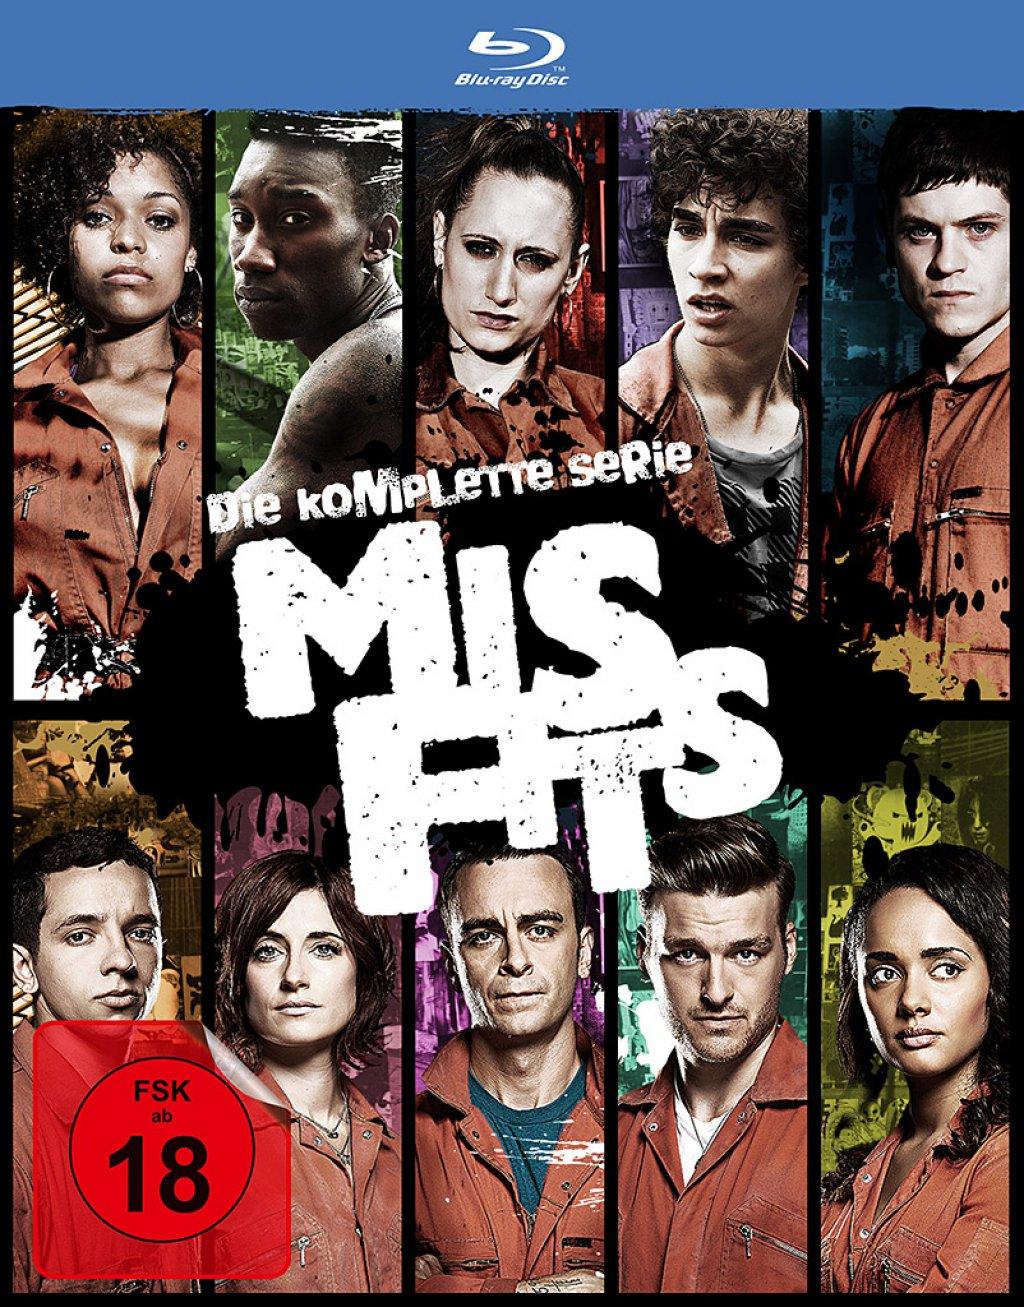 Misfits - Die komplette Serie (Blu-ray)